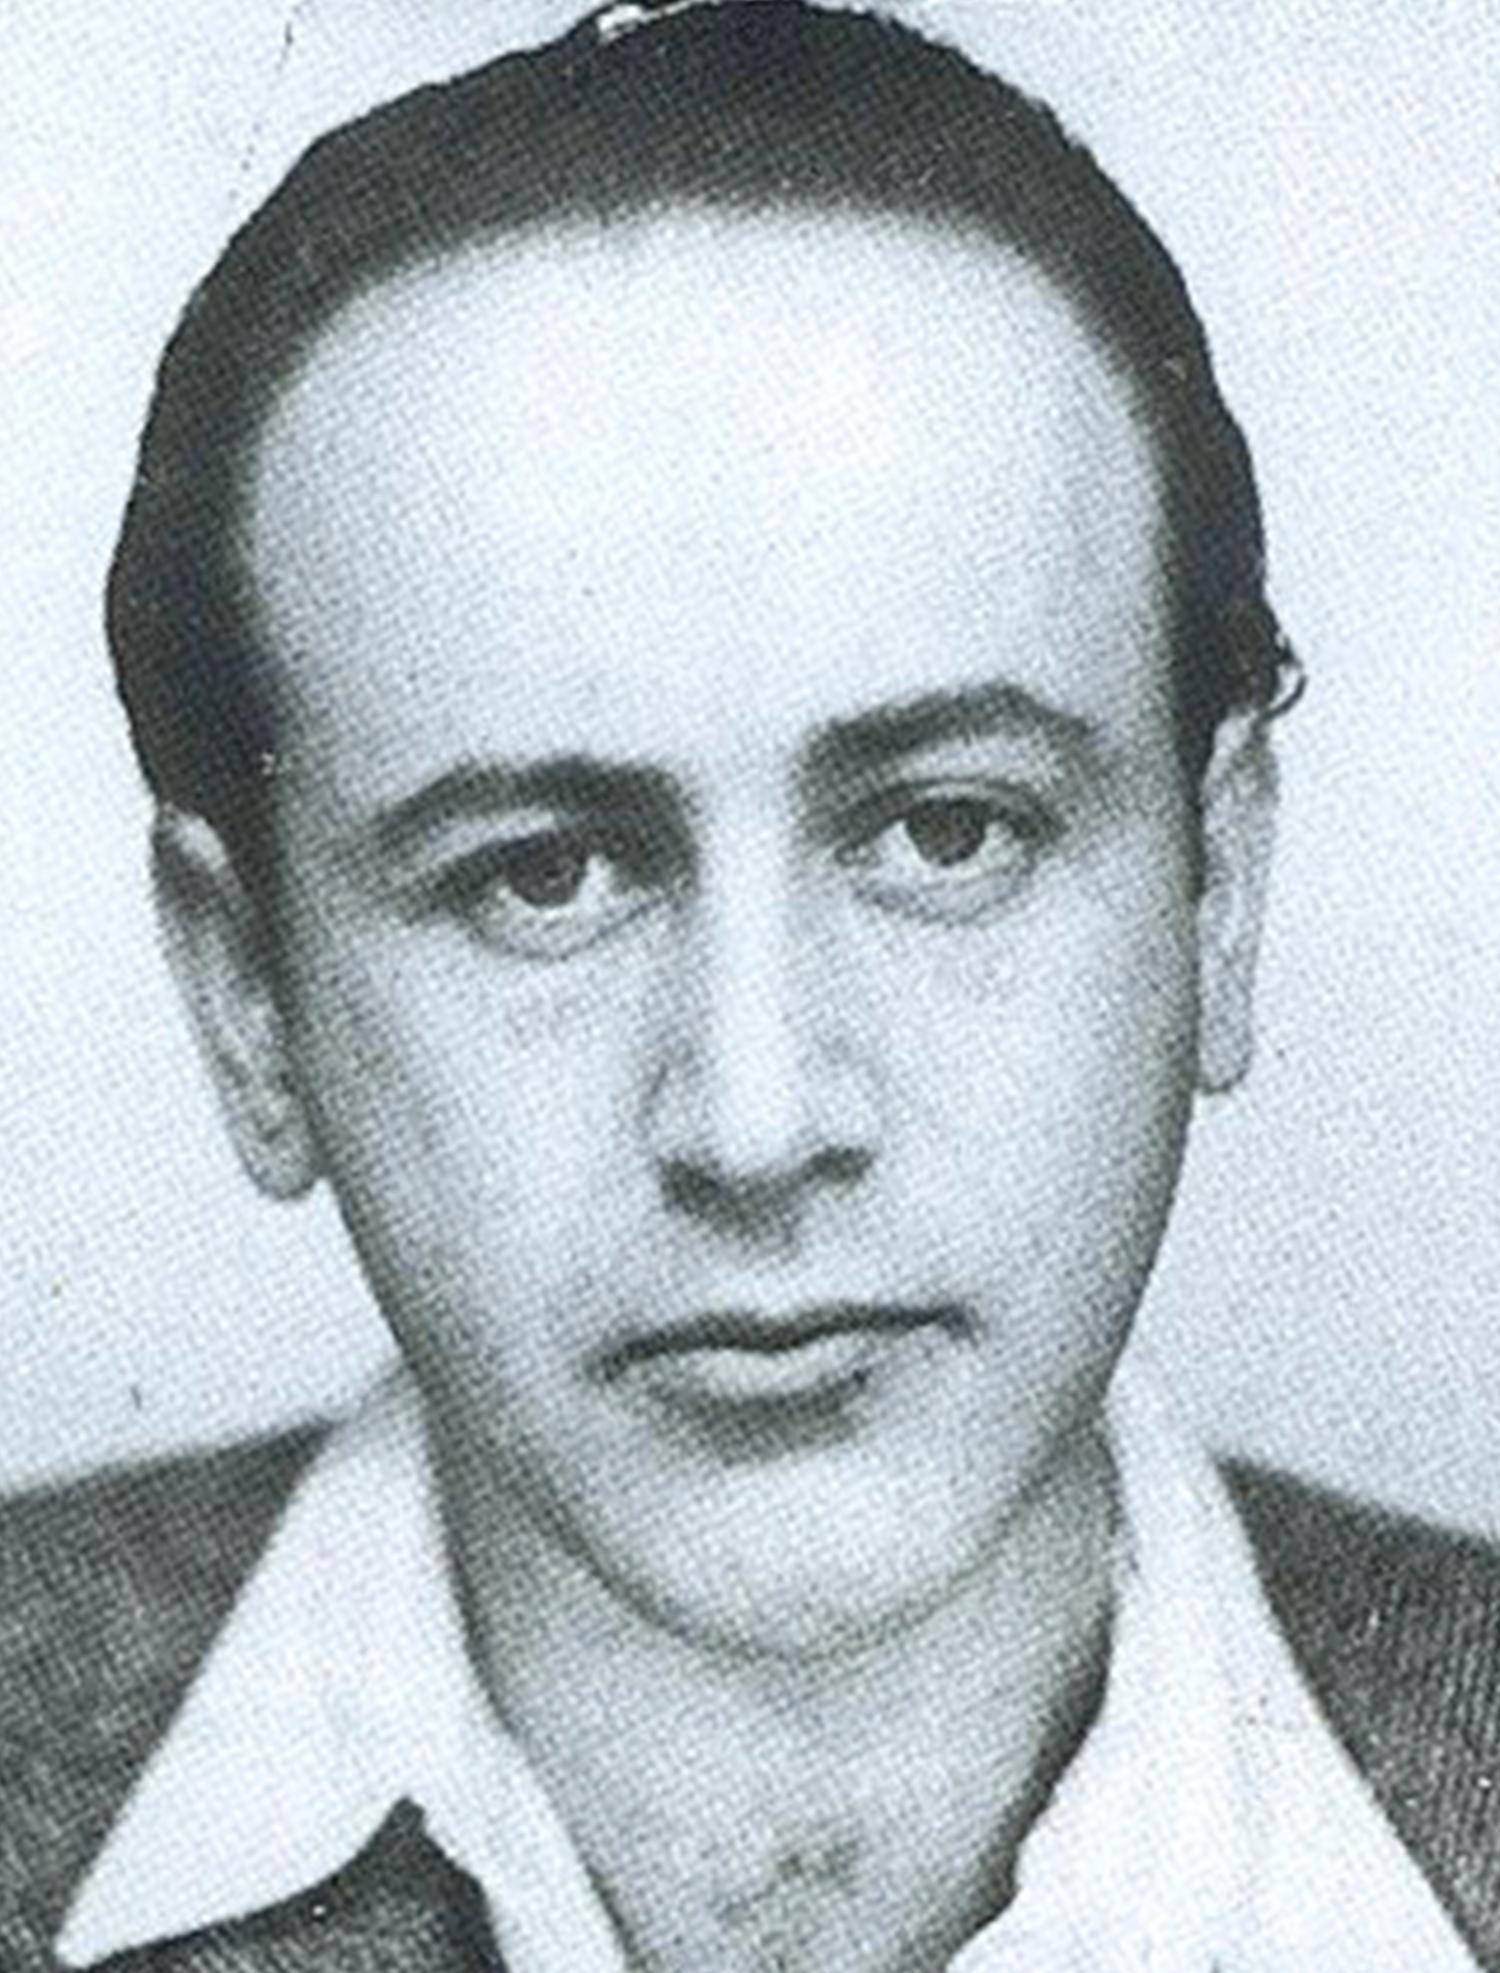 Poeten Paul Celan (betoning på första stavelsen) hette från början Anczel men kastade om efternamnets led i 20-årsåldern.